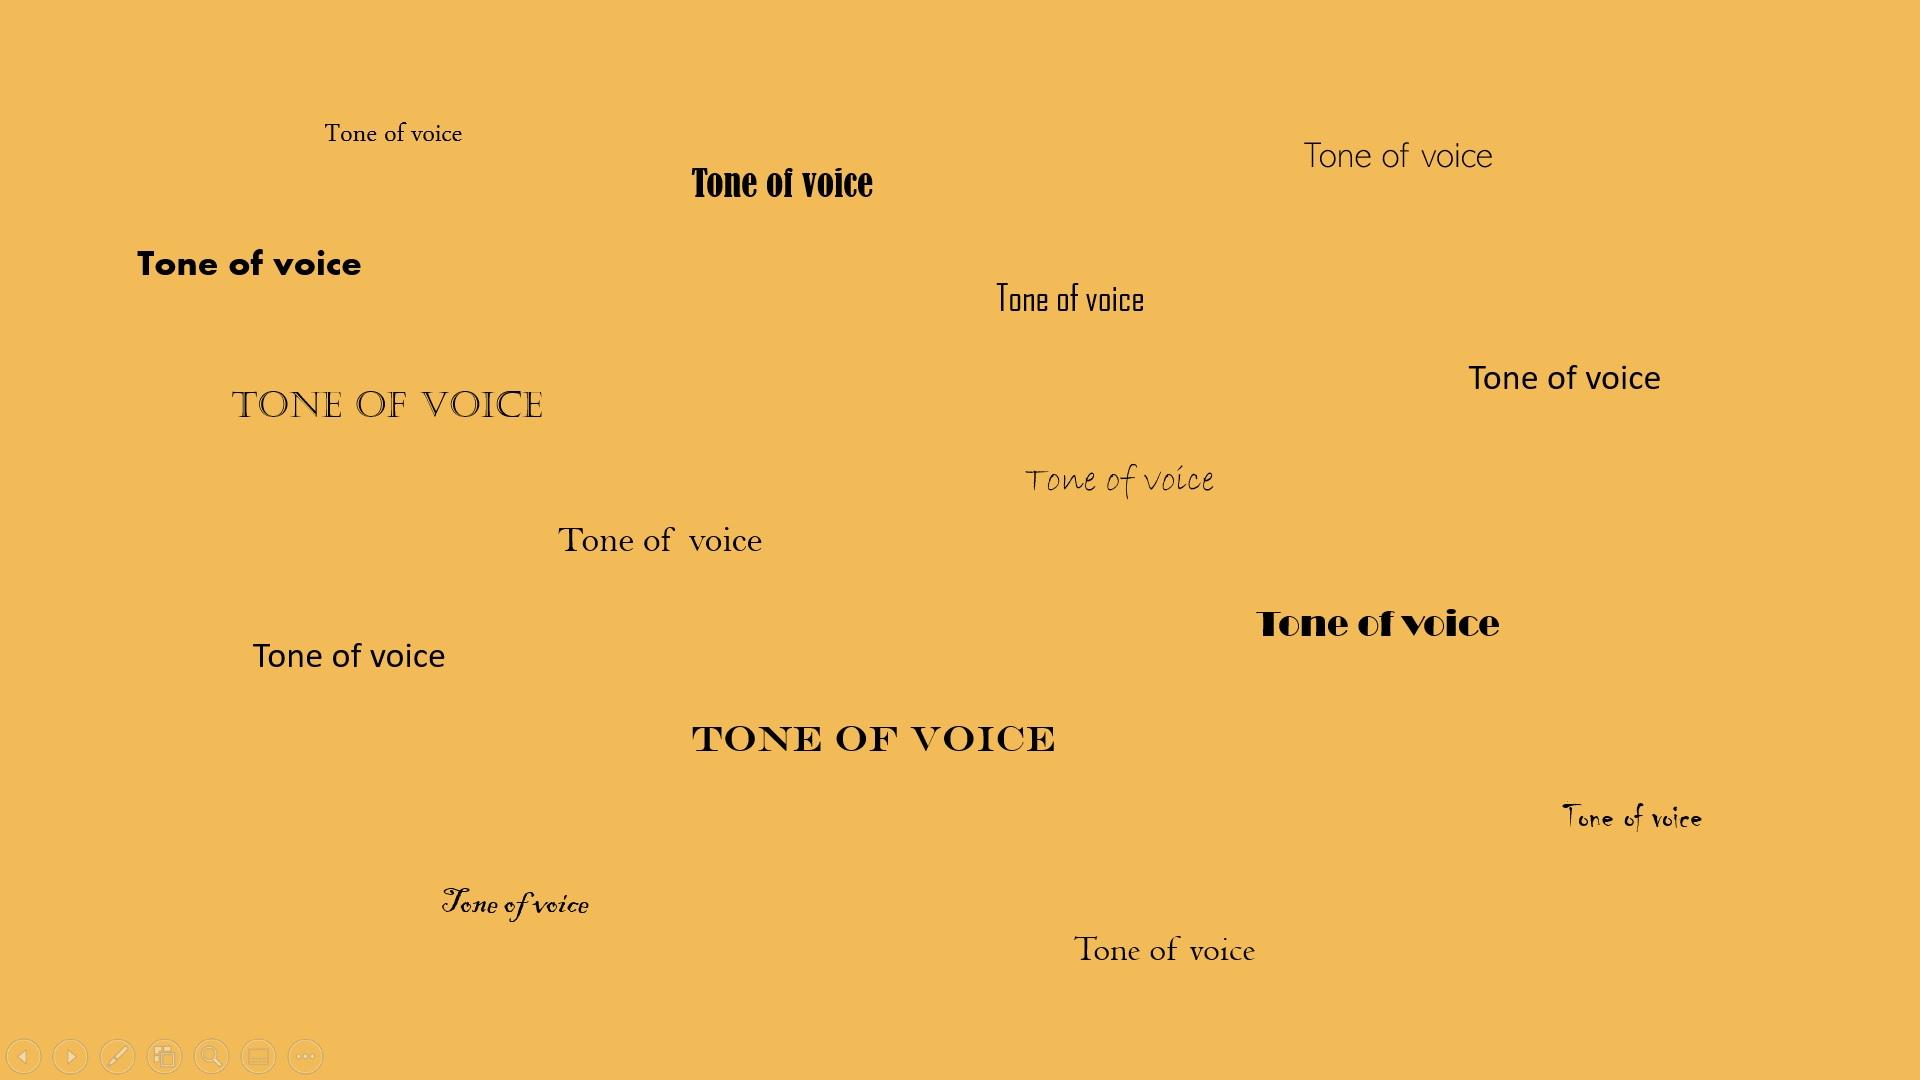 Probeer je tone of voice zo veel mogelijk gelijk te houden.